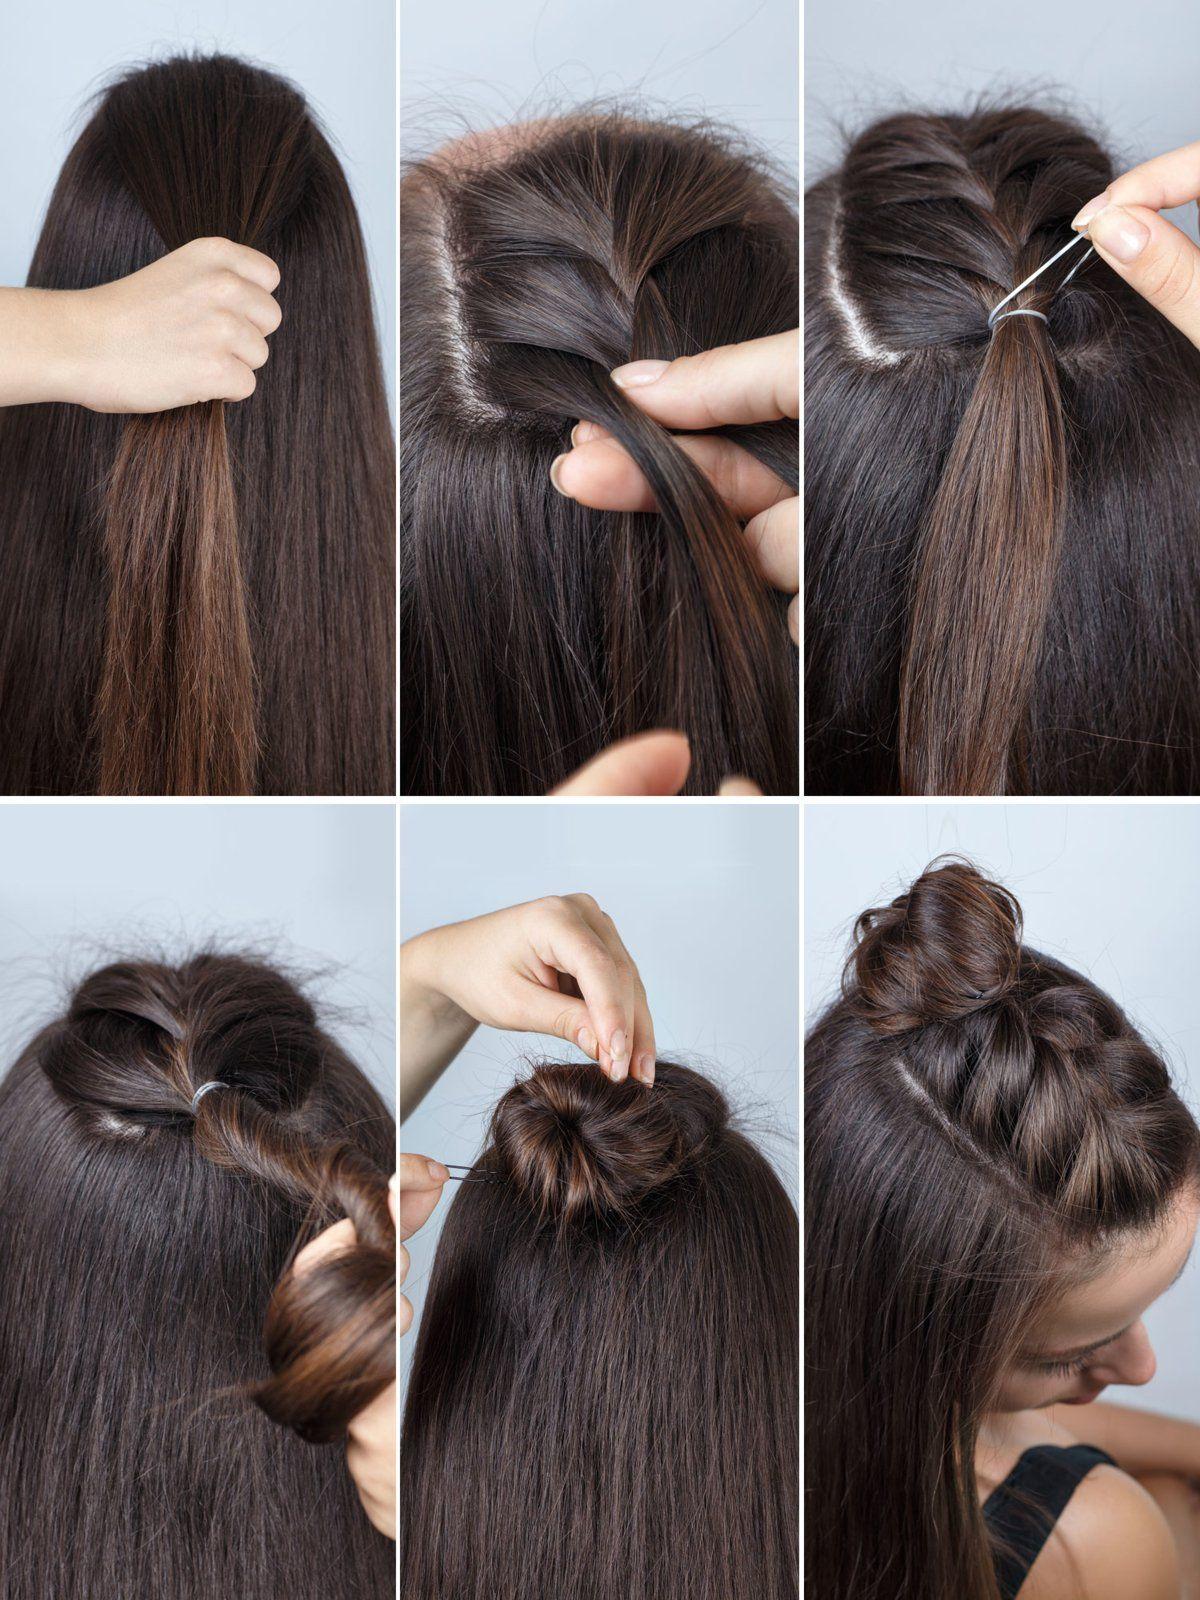 Step by Step Die 10 schönsten Frisuren zum Nachstylen